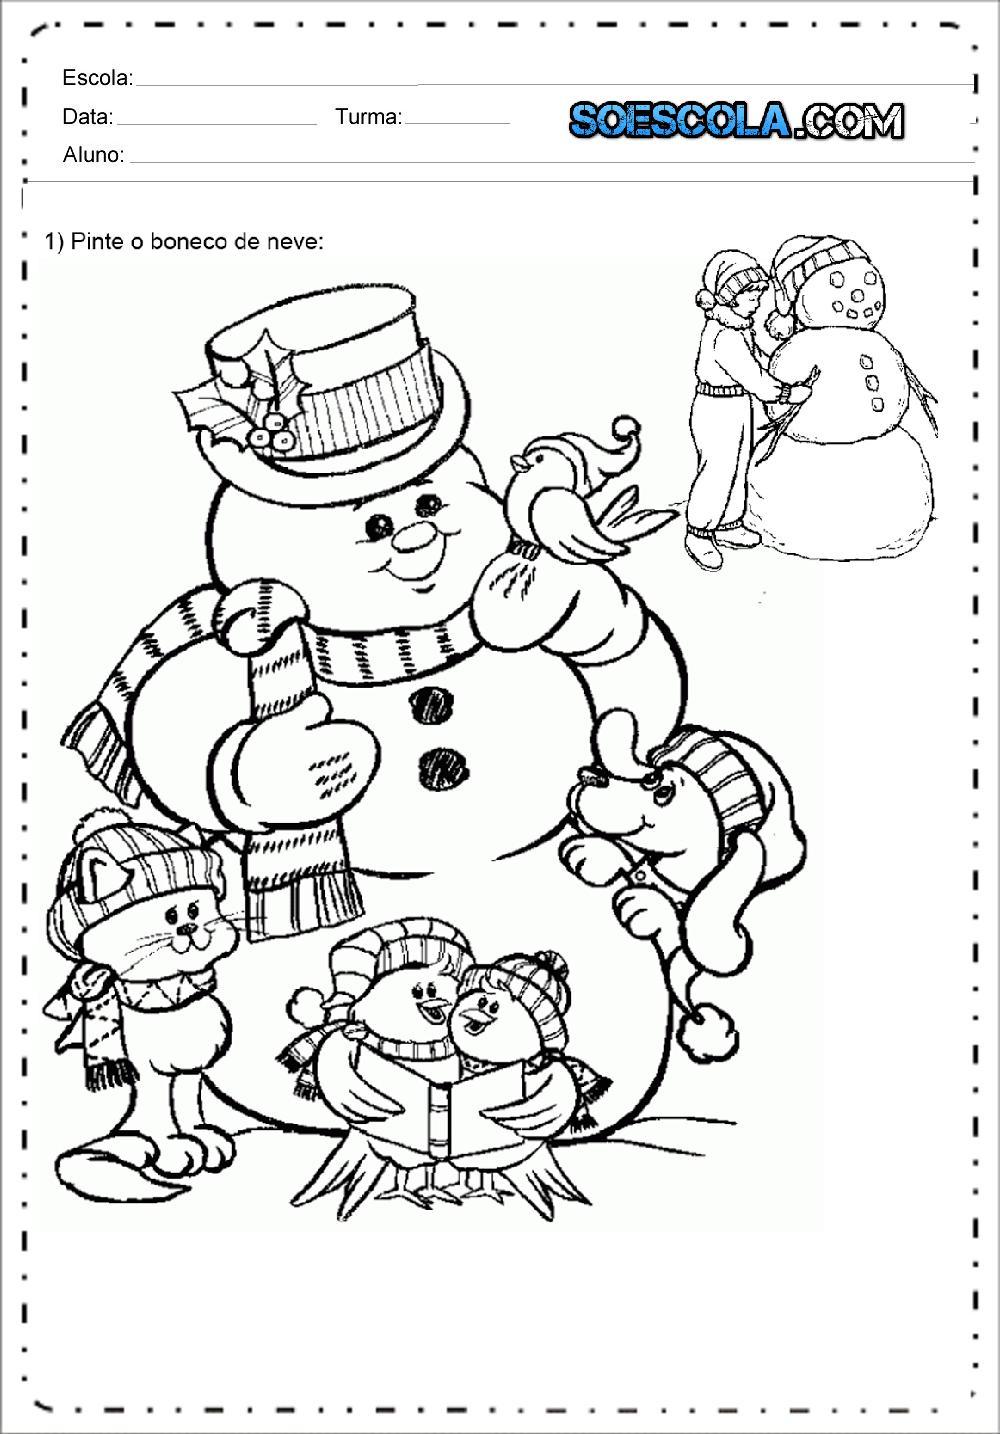 Desenhos de Boneco de Neve de Natal para colorir – Desenhos Natalinos